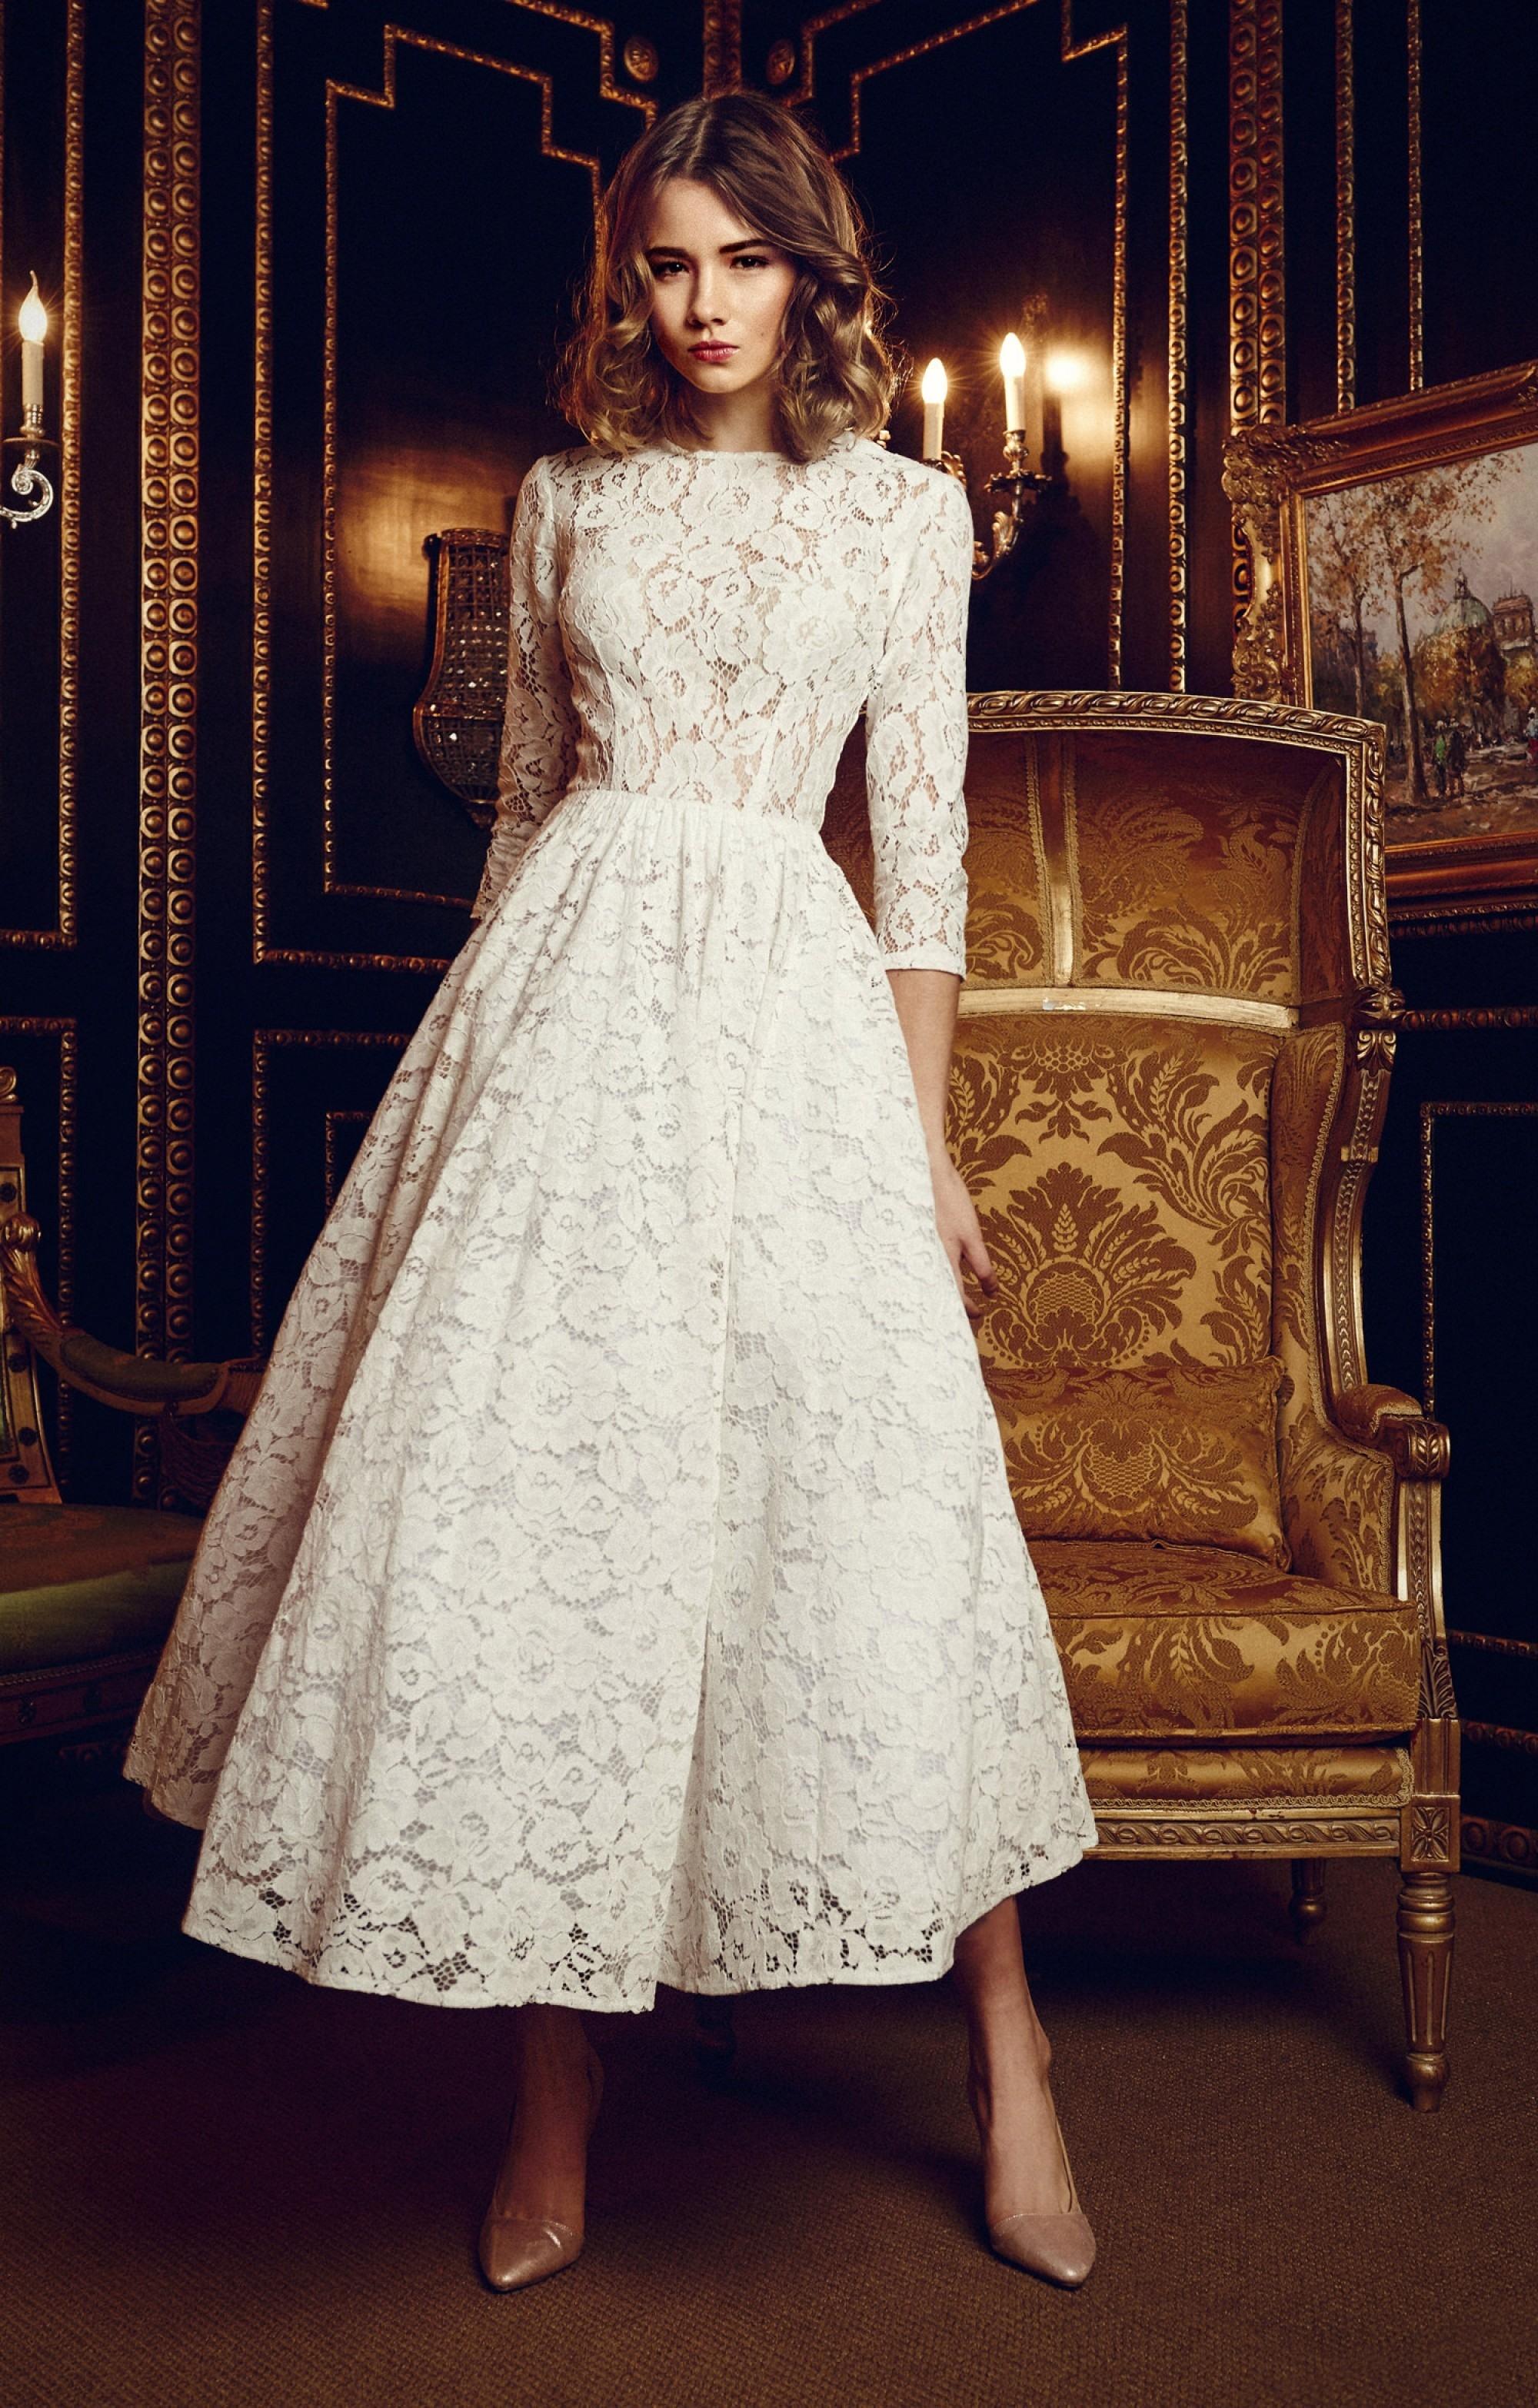 Designer Elegant Schützenkleider Abendkleider GalerieAbend Genial Schützenkleider Abendkleider Vertrieb